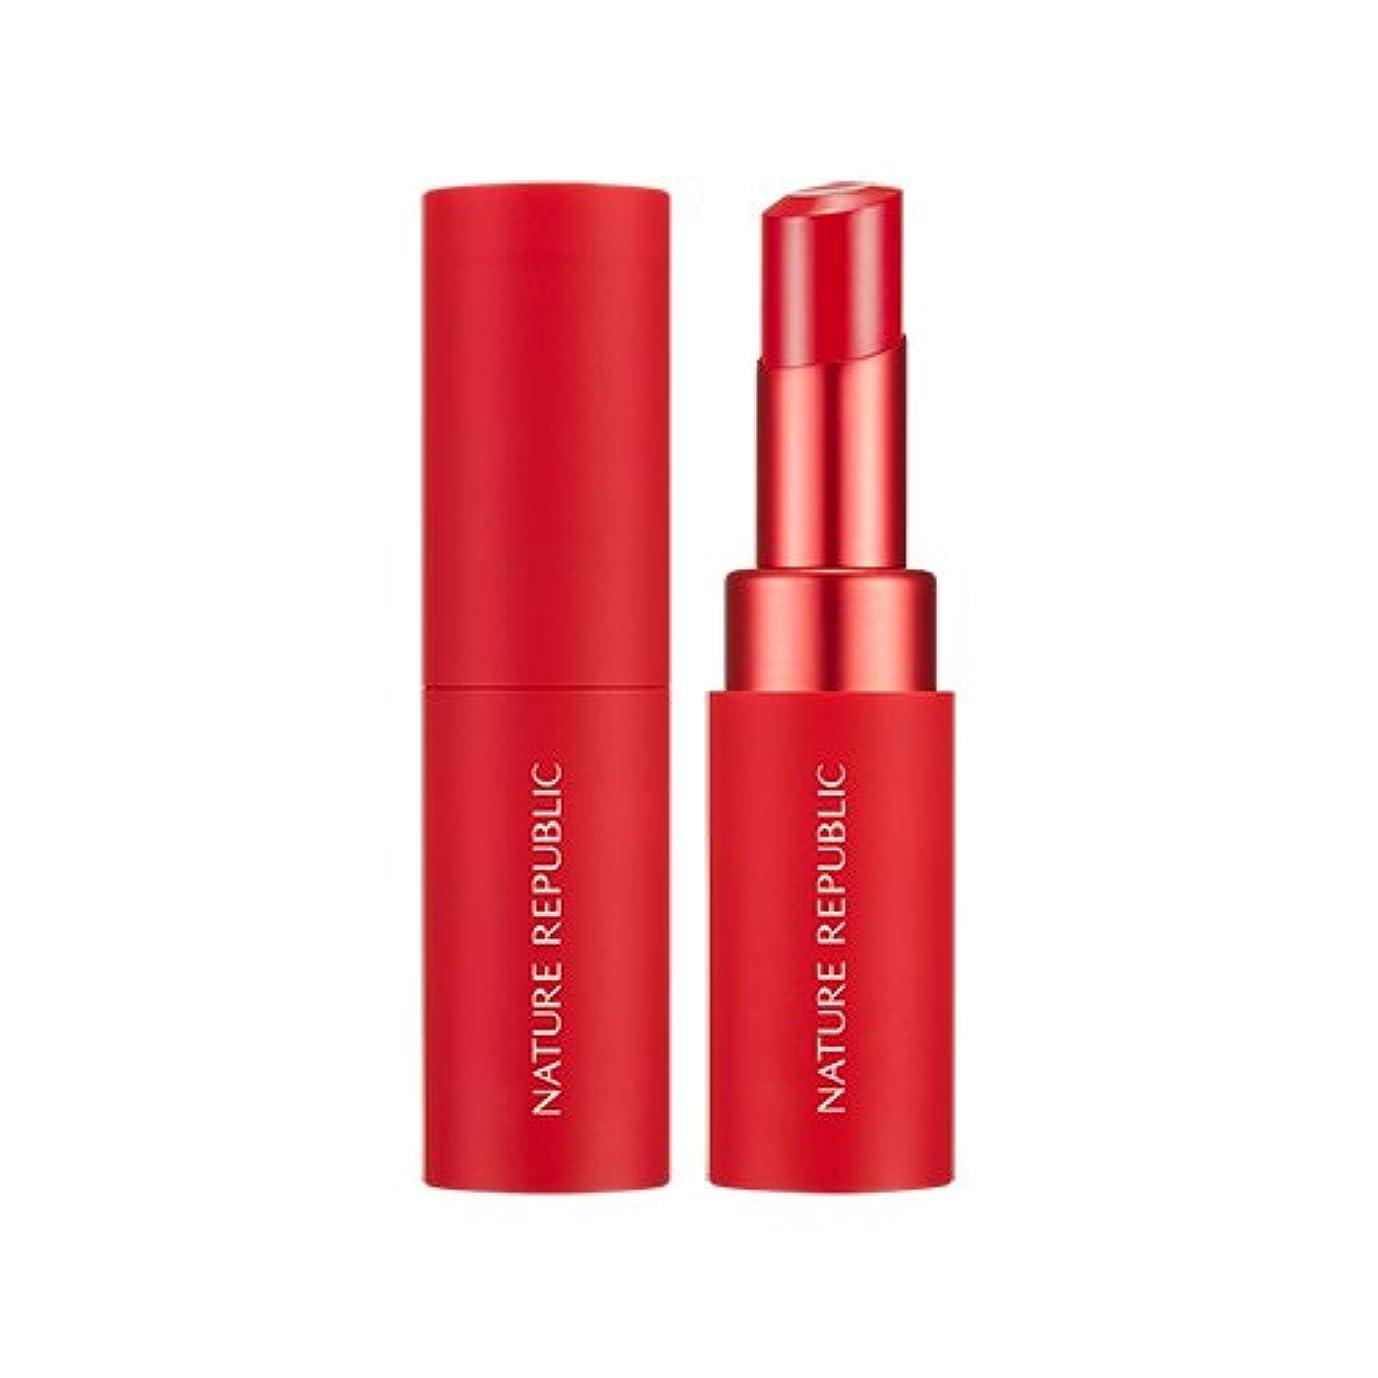 報酬の滅びる引き出すNATURE REPUBLIC Real Matte Lipstick (05 Sparkling Pink) / ネイチャーリパブリック リアルマットリップスティック [並行輸入品]